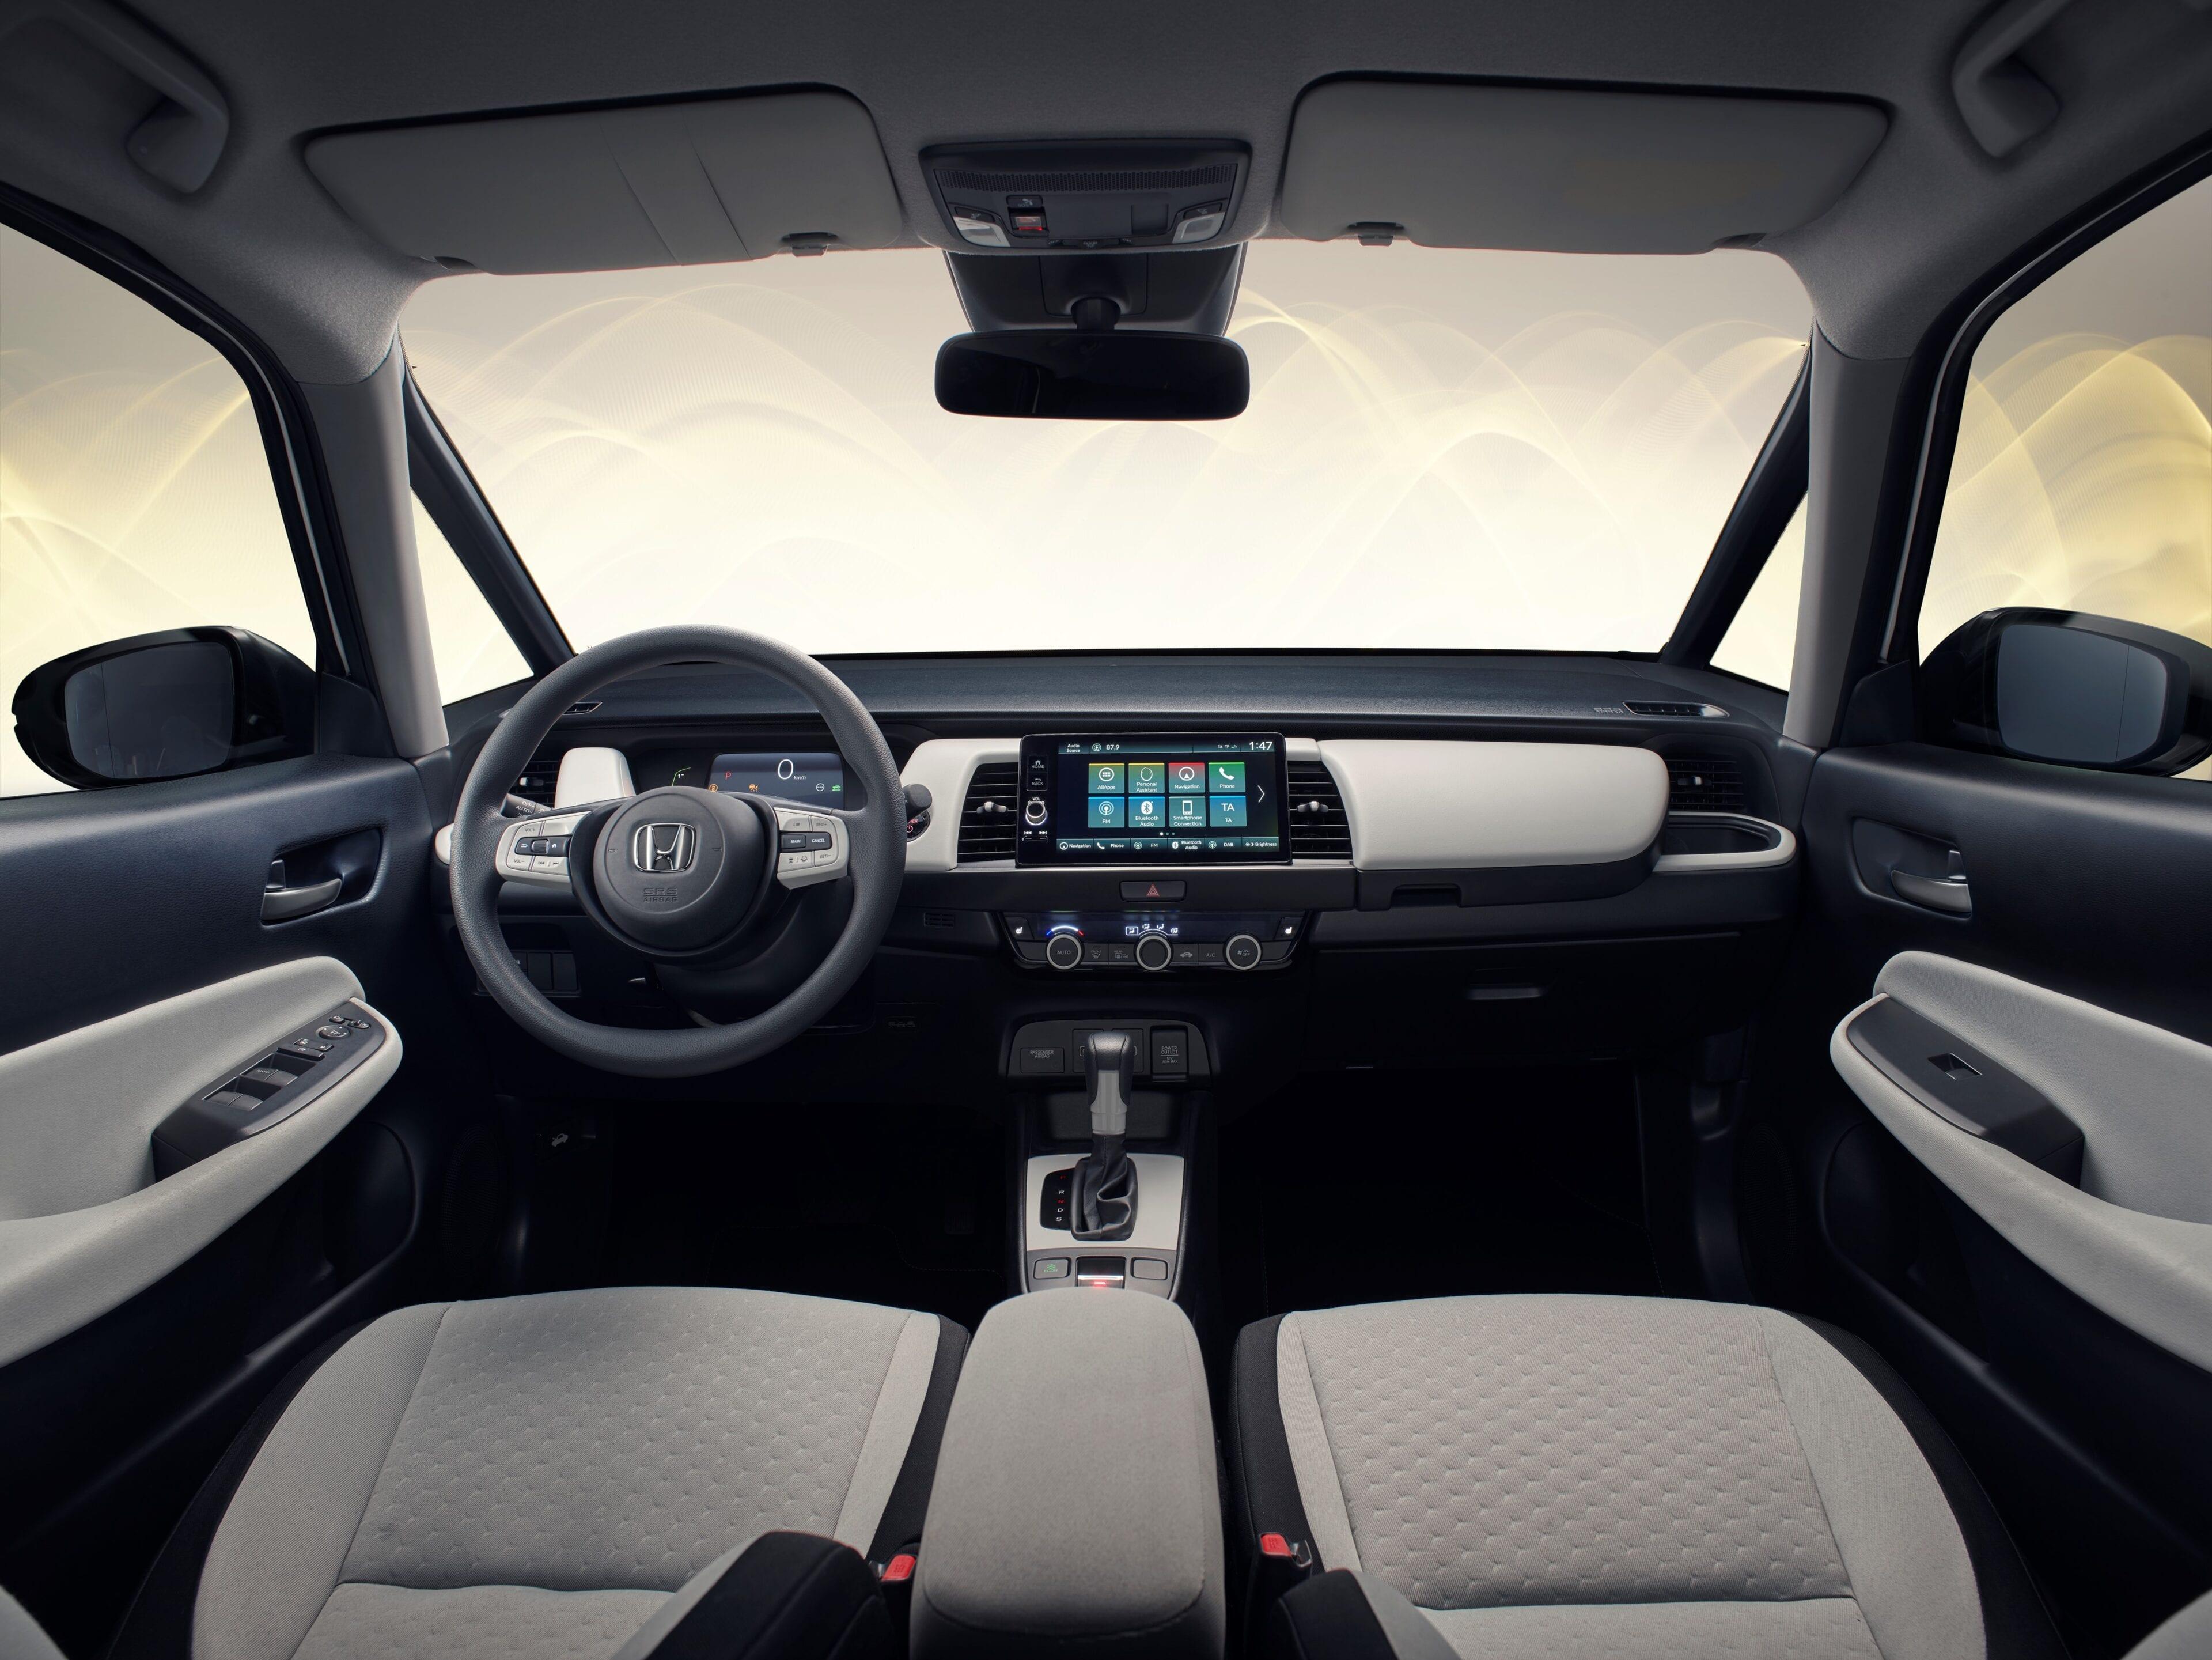 De Jazz biedt u een panoramisch uitzicht op de weg, zodat de bestuurder een echte breedbeeldbelevenis krijgt.